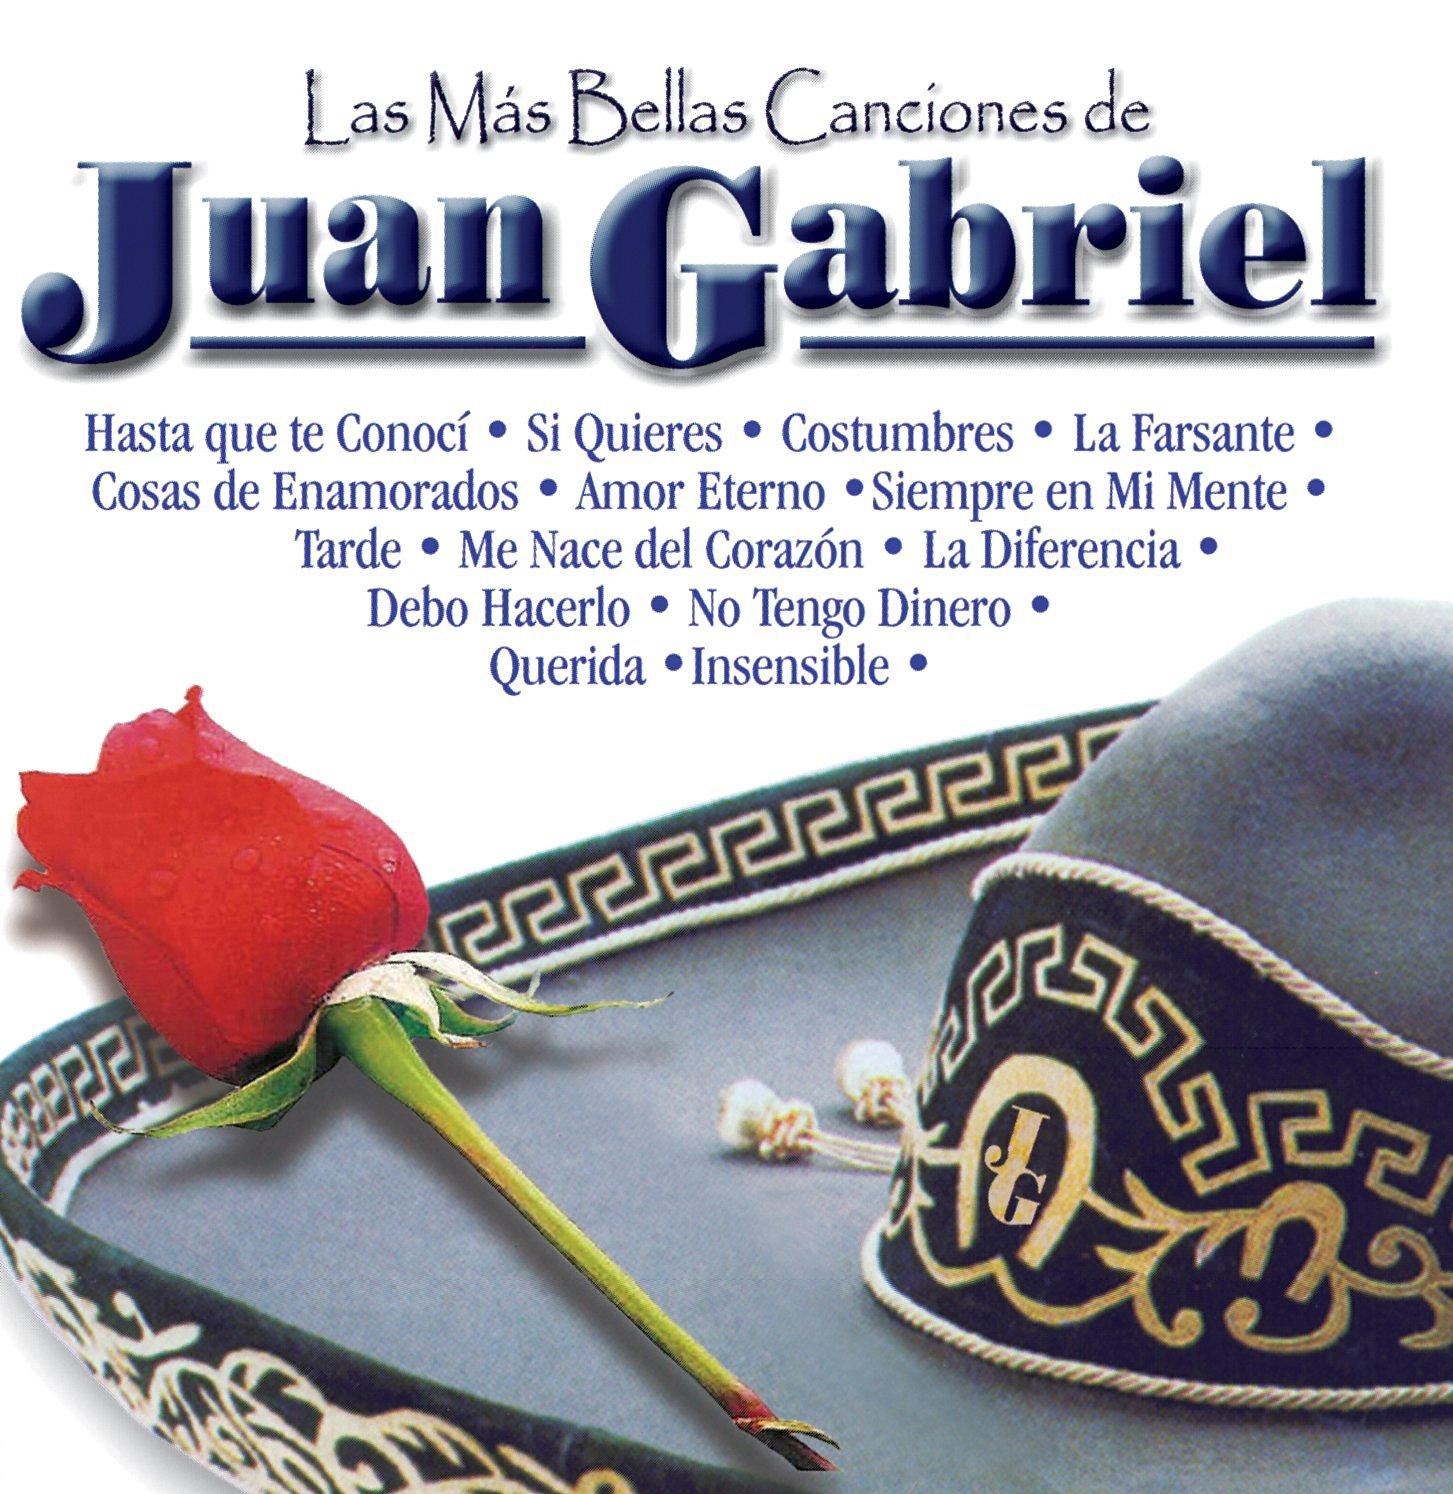 Amazon: CD Las Más Bellas Canciones de Juan Gabriel a $39 y más